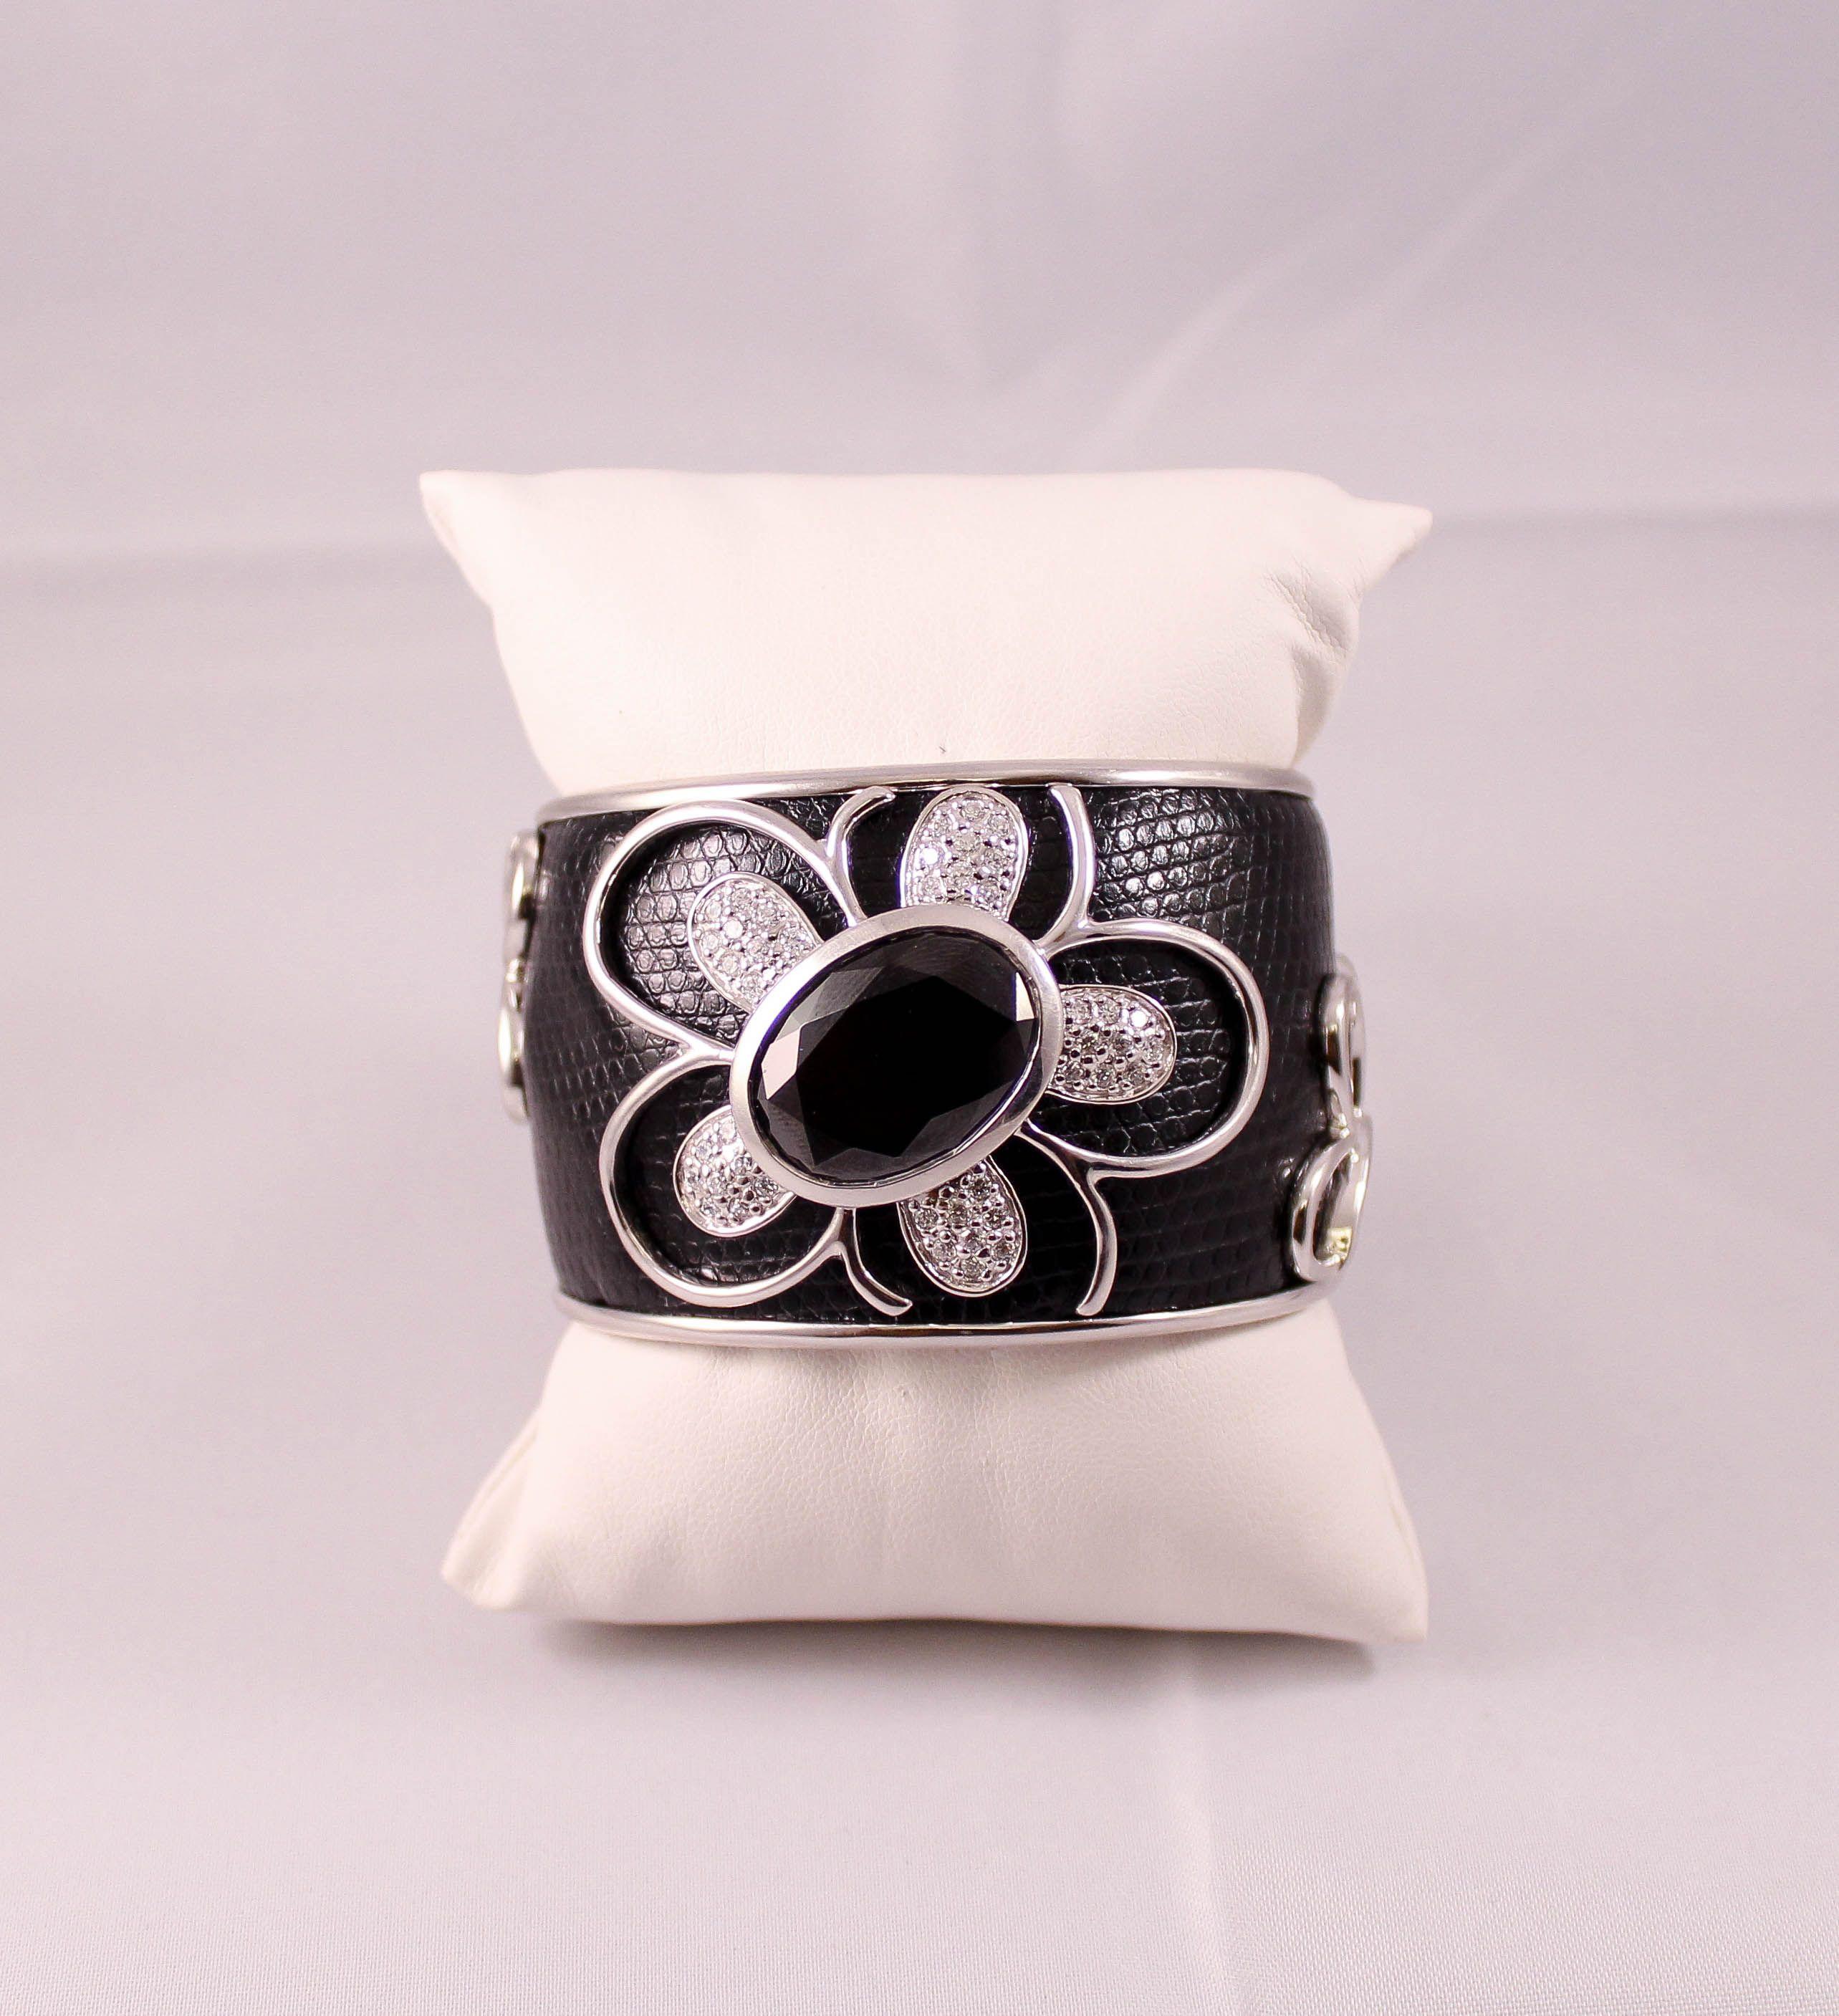 brazalete de plata ,cuero negro y circonita.http://marberaltabisuteria.mitiendy.com/categorias/pulseras